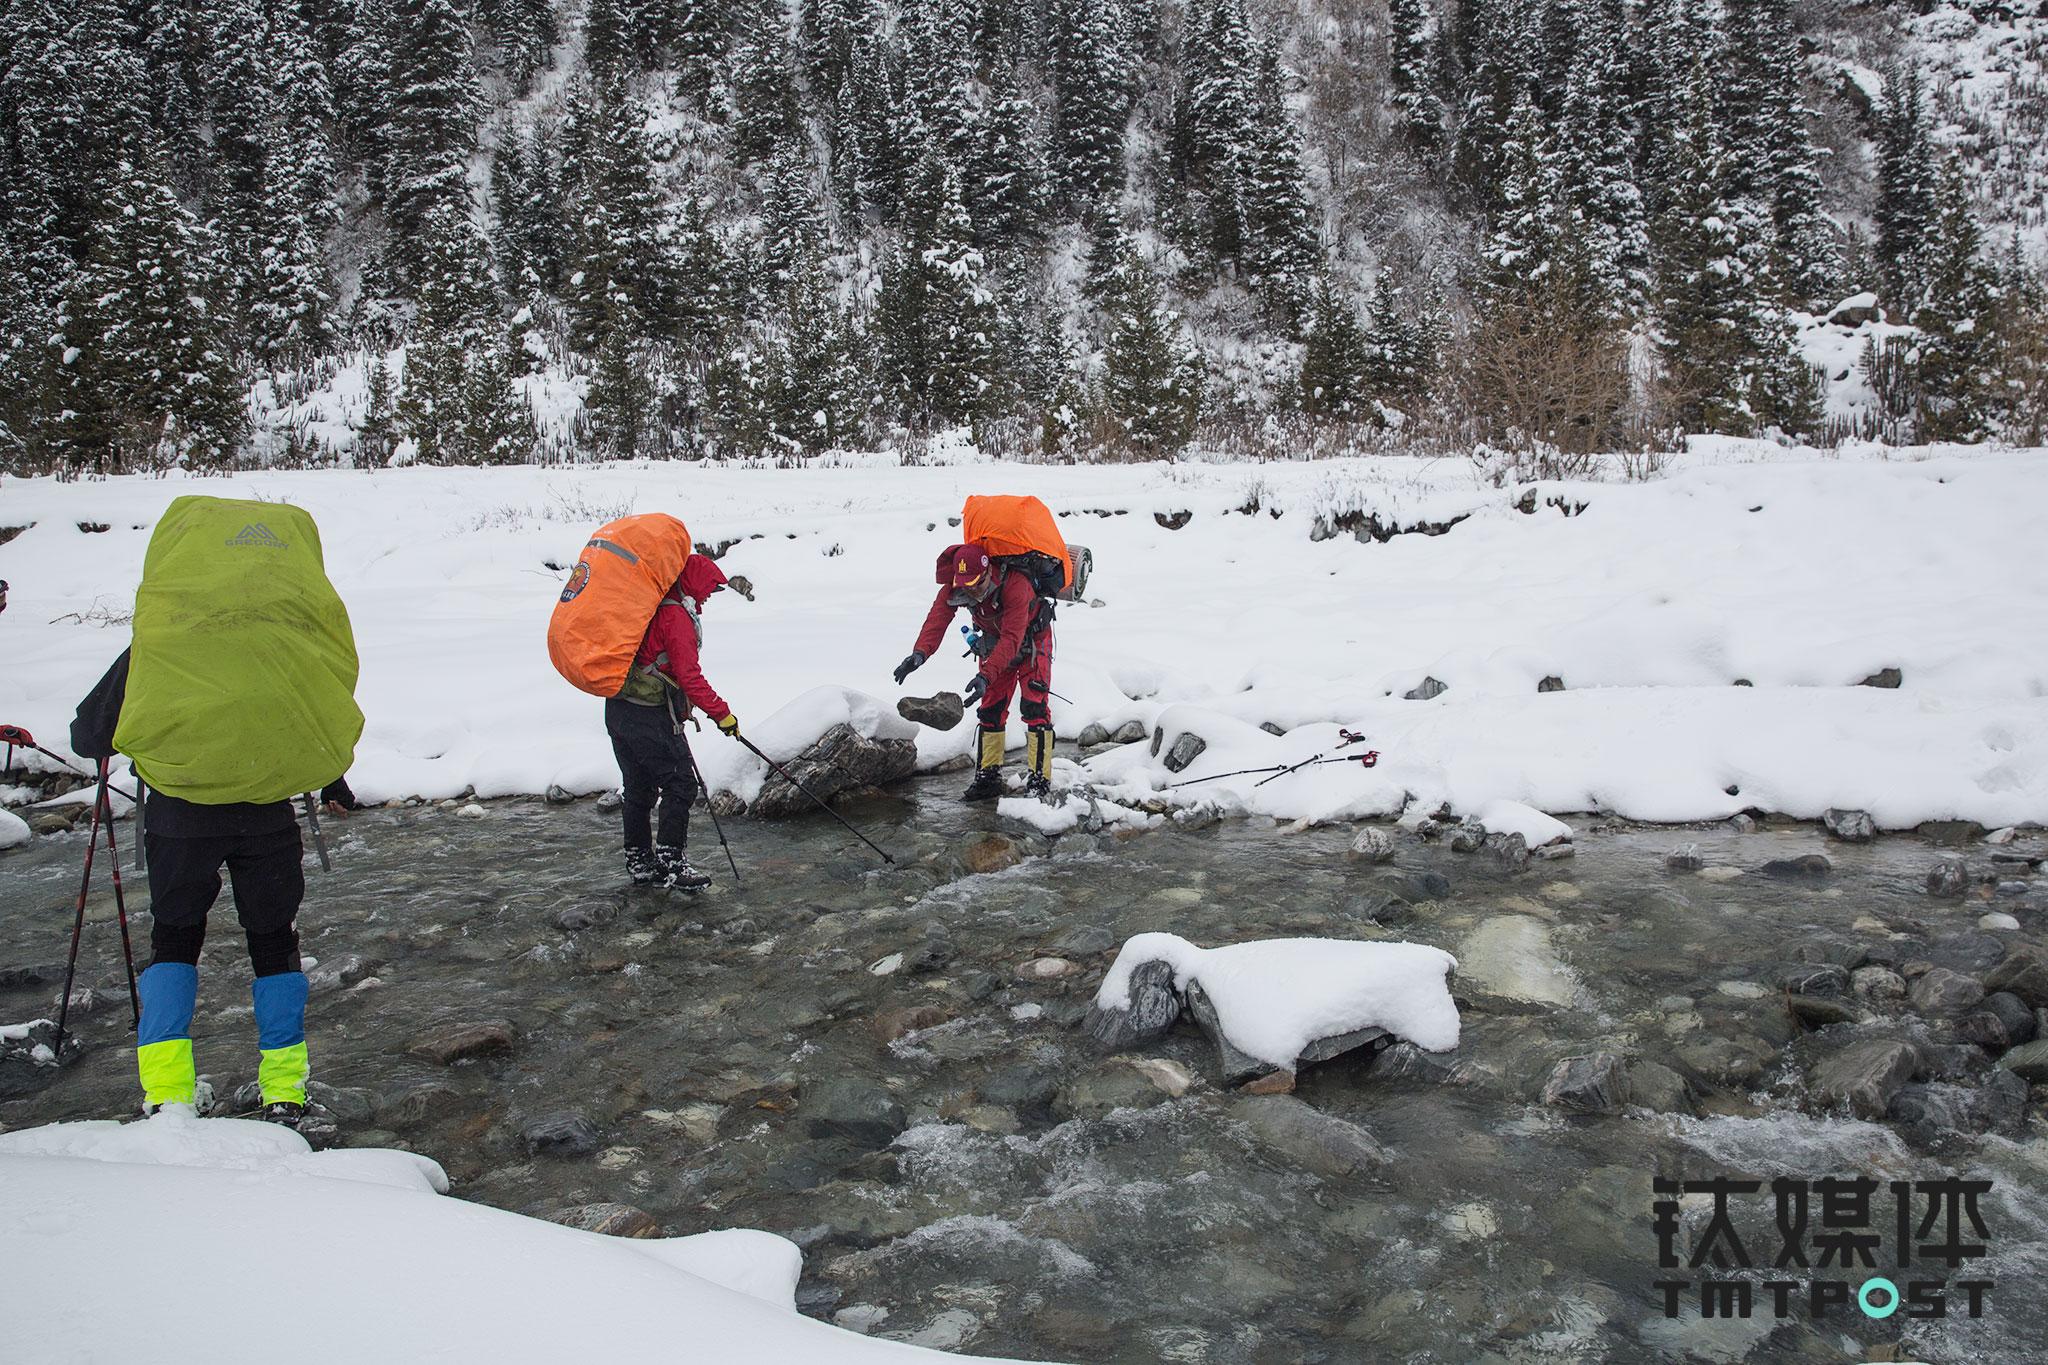 """江湖带着几名队员赶回营地后,距离天黑还有一段时间,与木扎尔特冰川失之交臂,江湖决定带领大家拔营,赶往另一冰川""""夏塔冰川""""不远处扎营。前往扎营地的路上,江湖和协作为队员搭建过河的石头桥。"""